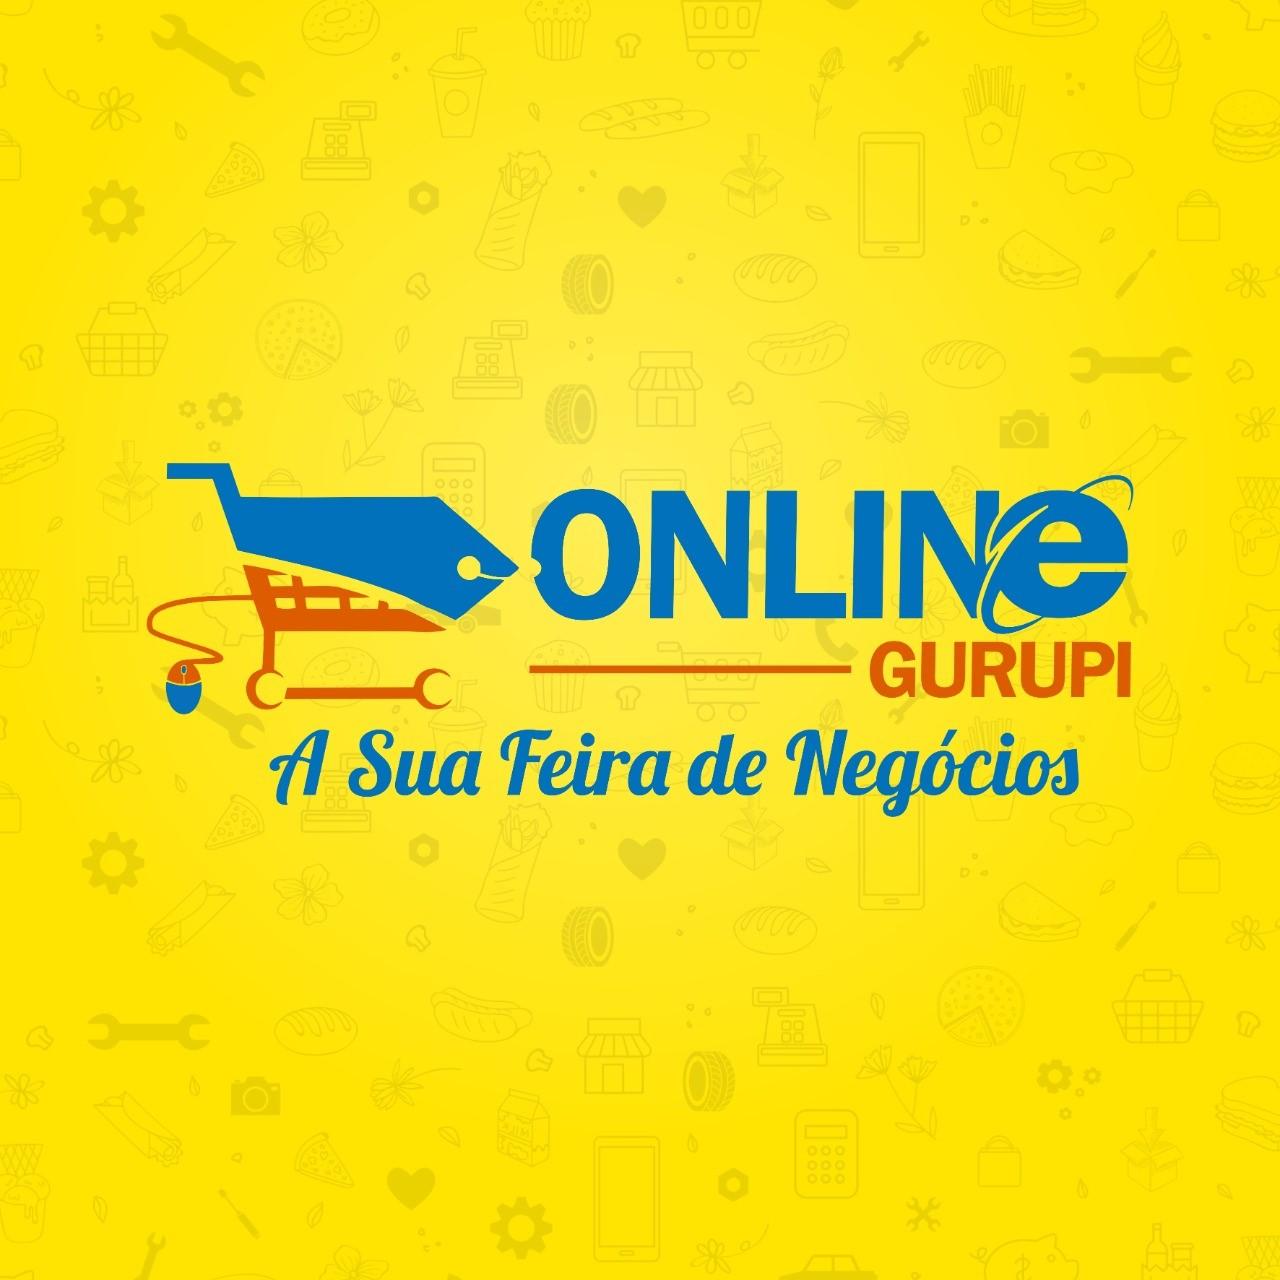 Empresários de Gurupi recebem capacitação online para manipulação de alimentos